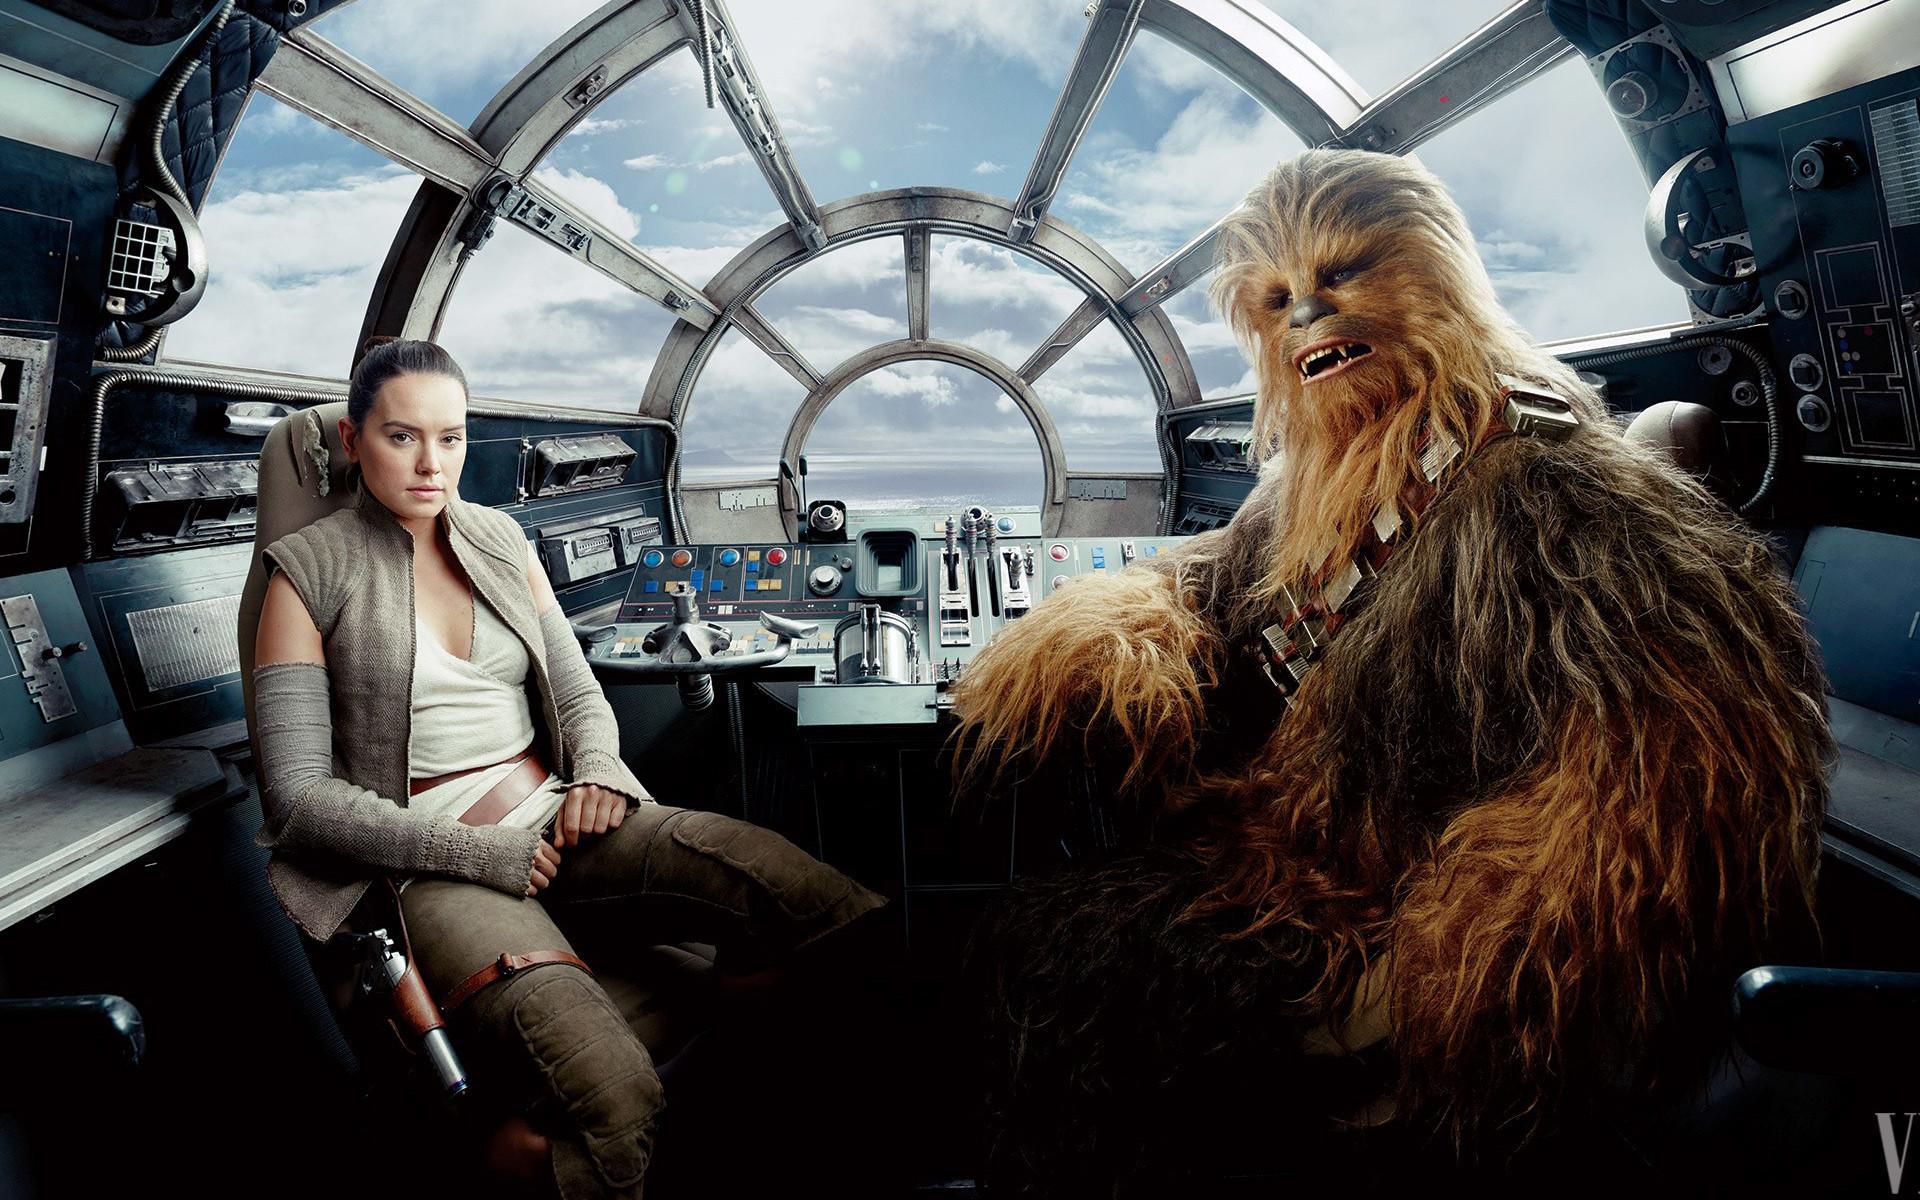 Rey Chewbacca Star Wars The Last Jedi